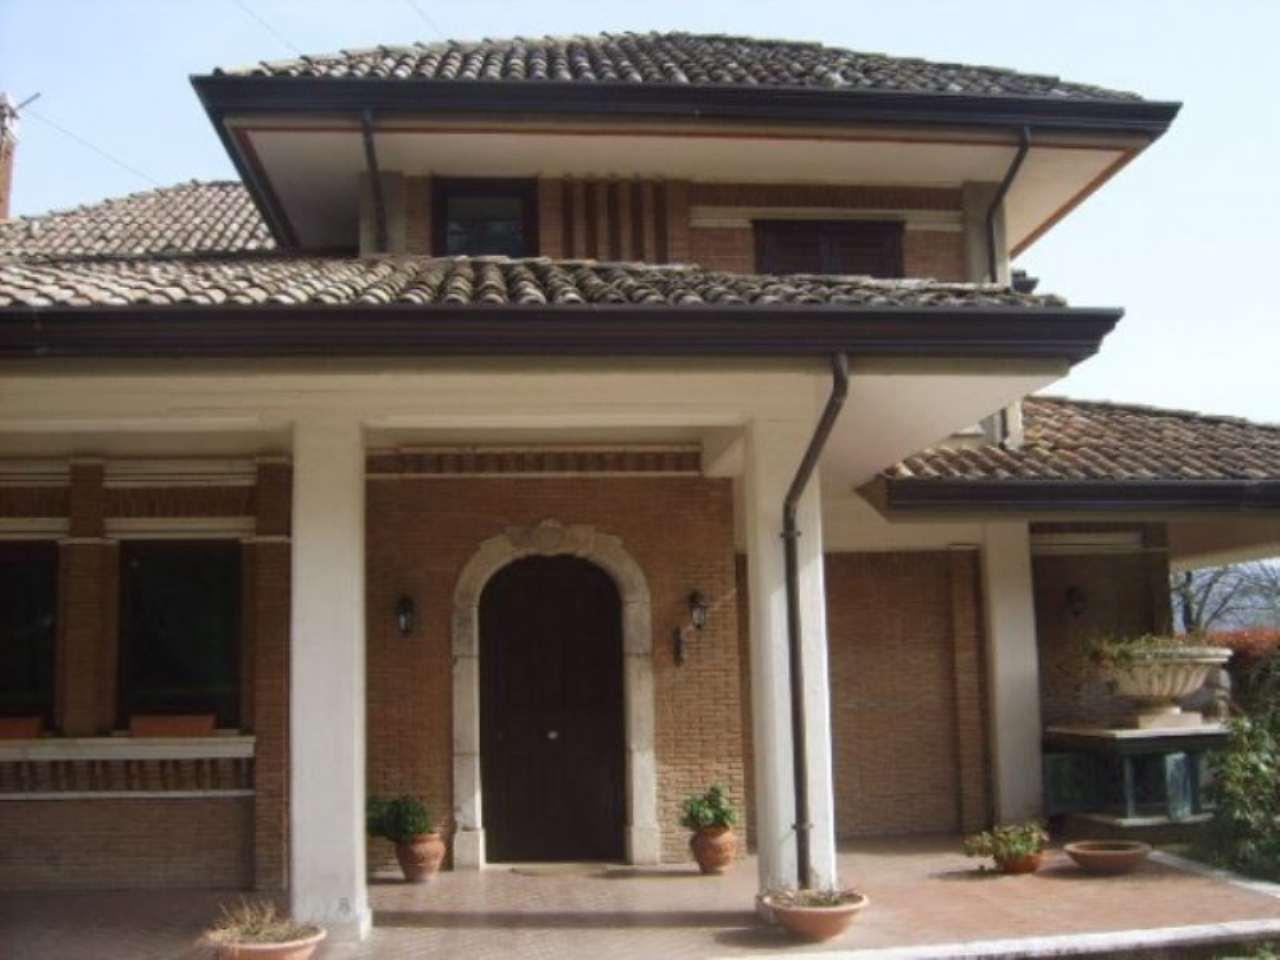 Villa in vendita a Avellino, 6 locali, prezzo € 690.000 | Cambio Casa.it